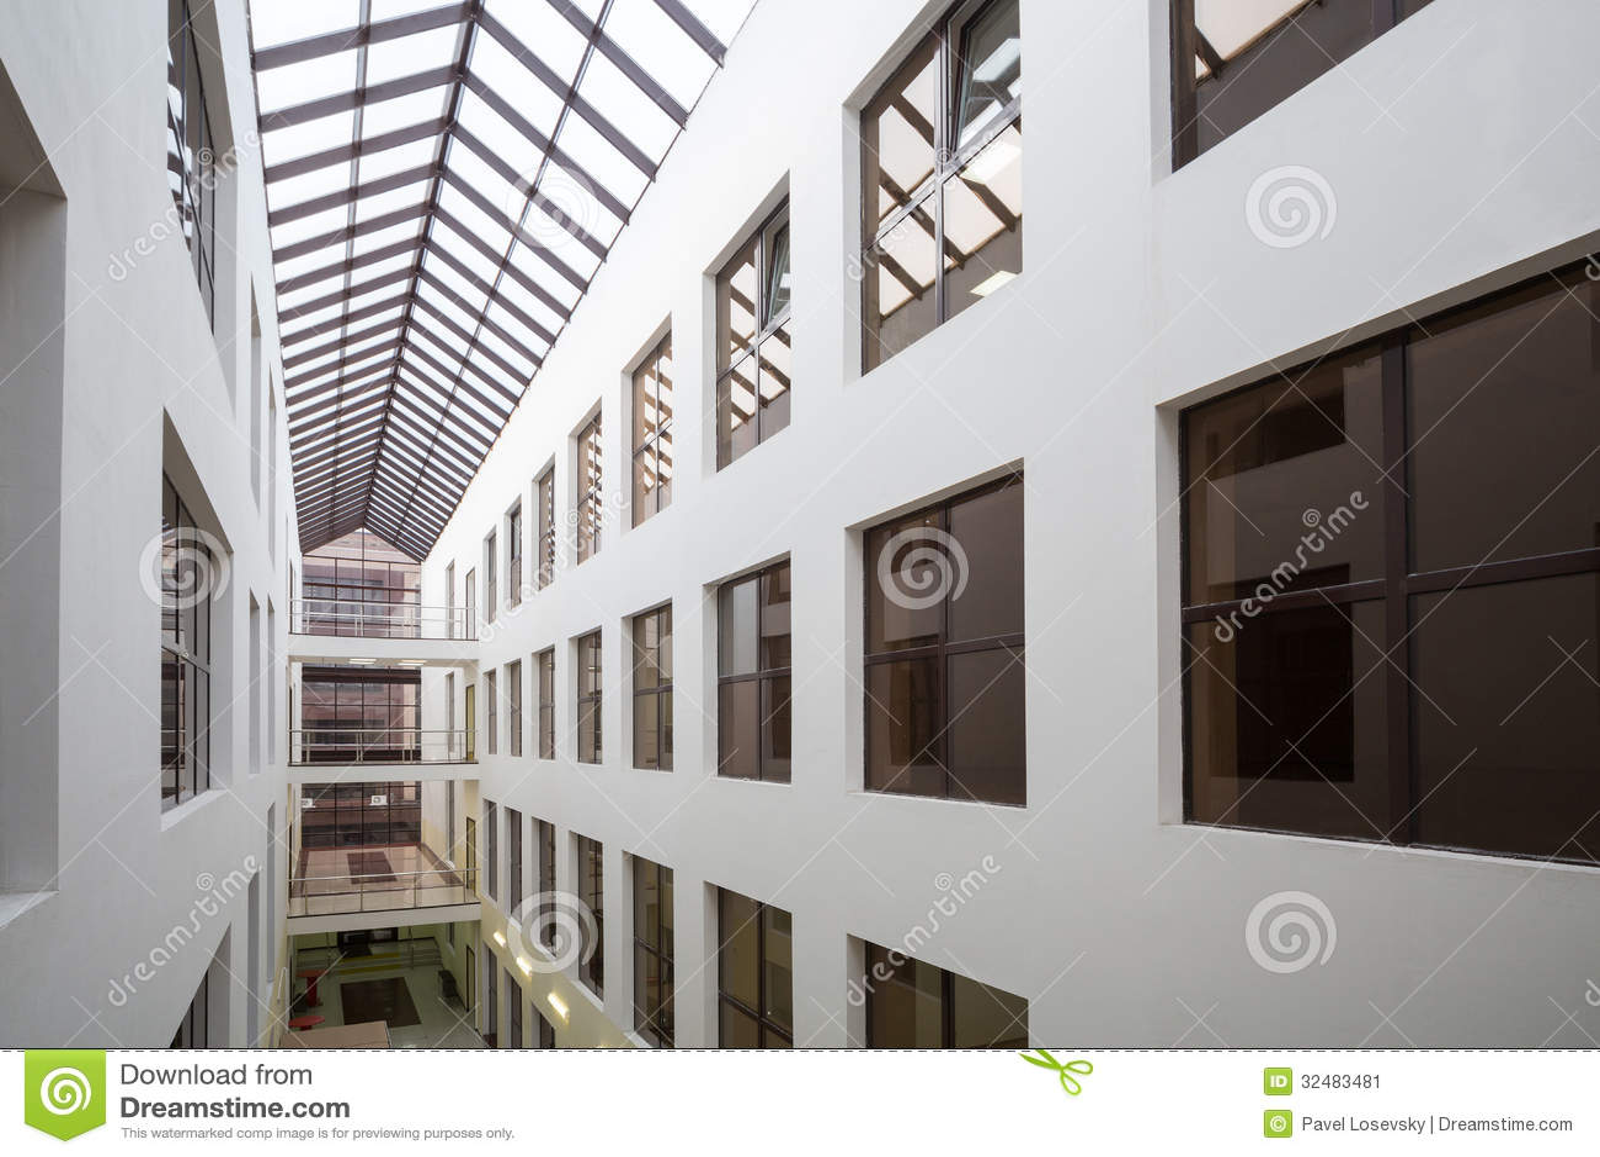 De vensters van bureaus in modern mooi commercieel centrum smirnovsky redactionele foto - Ontwerp leuning ...